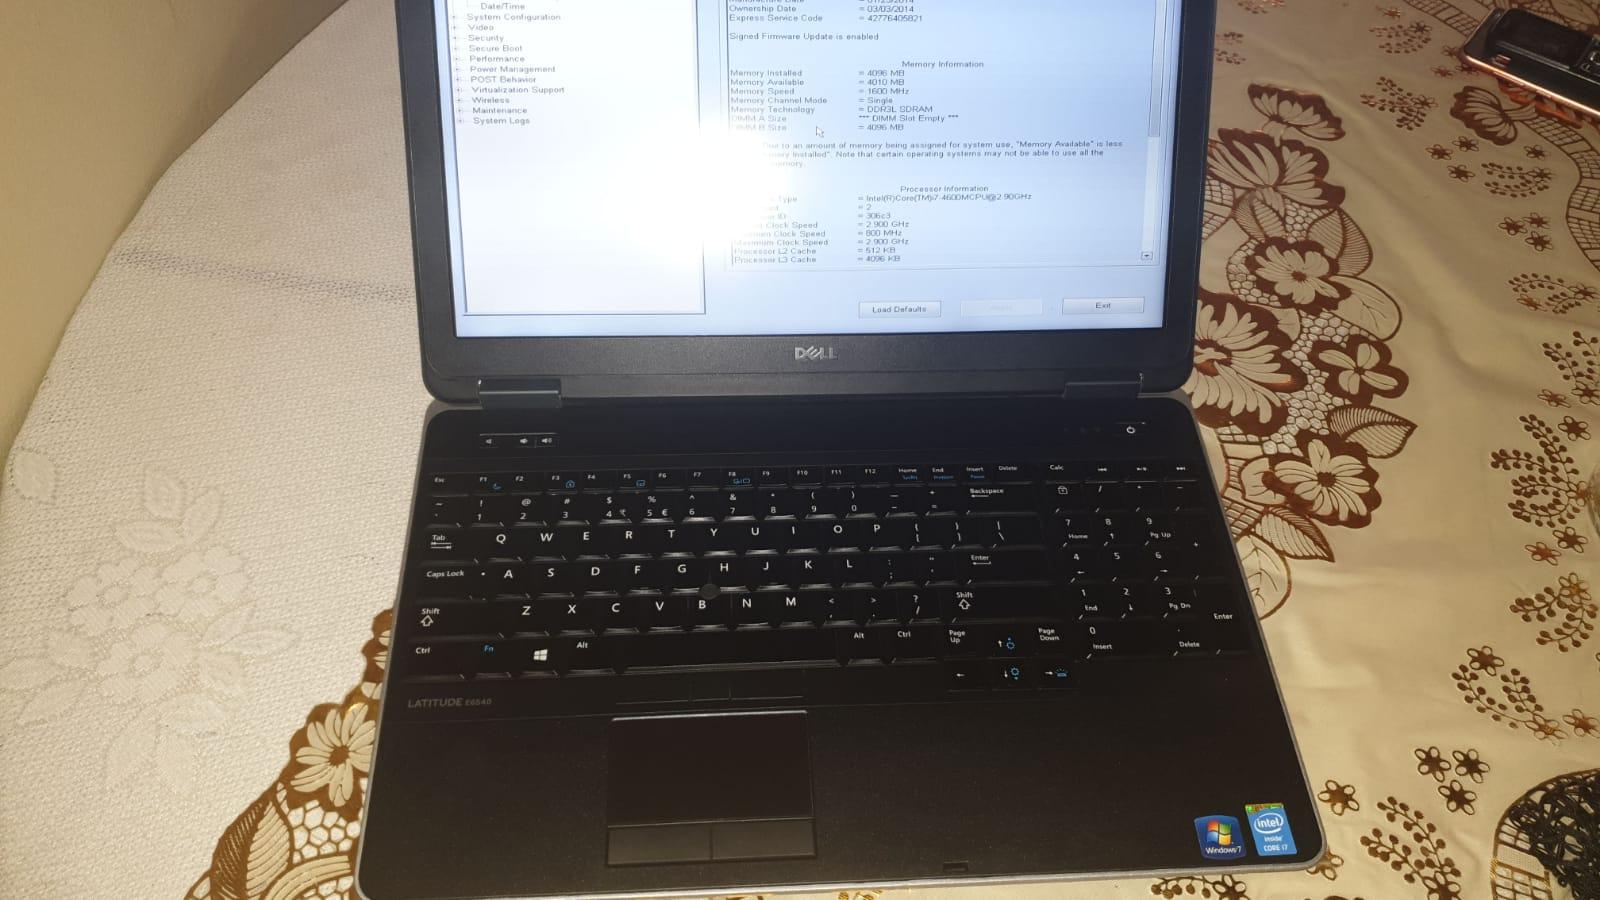 Dell E6540 core i7 4th Generationat a very good Price